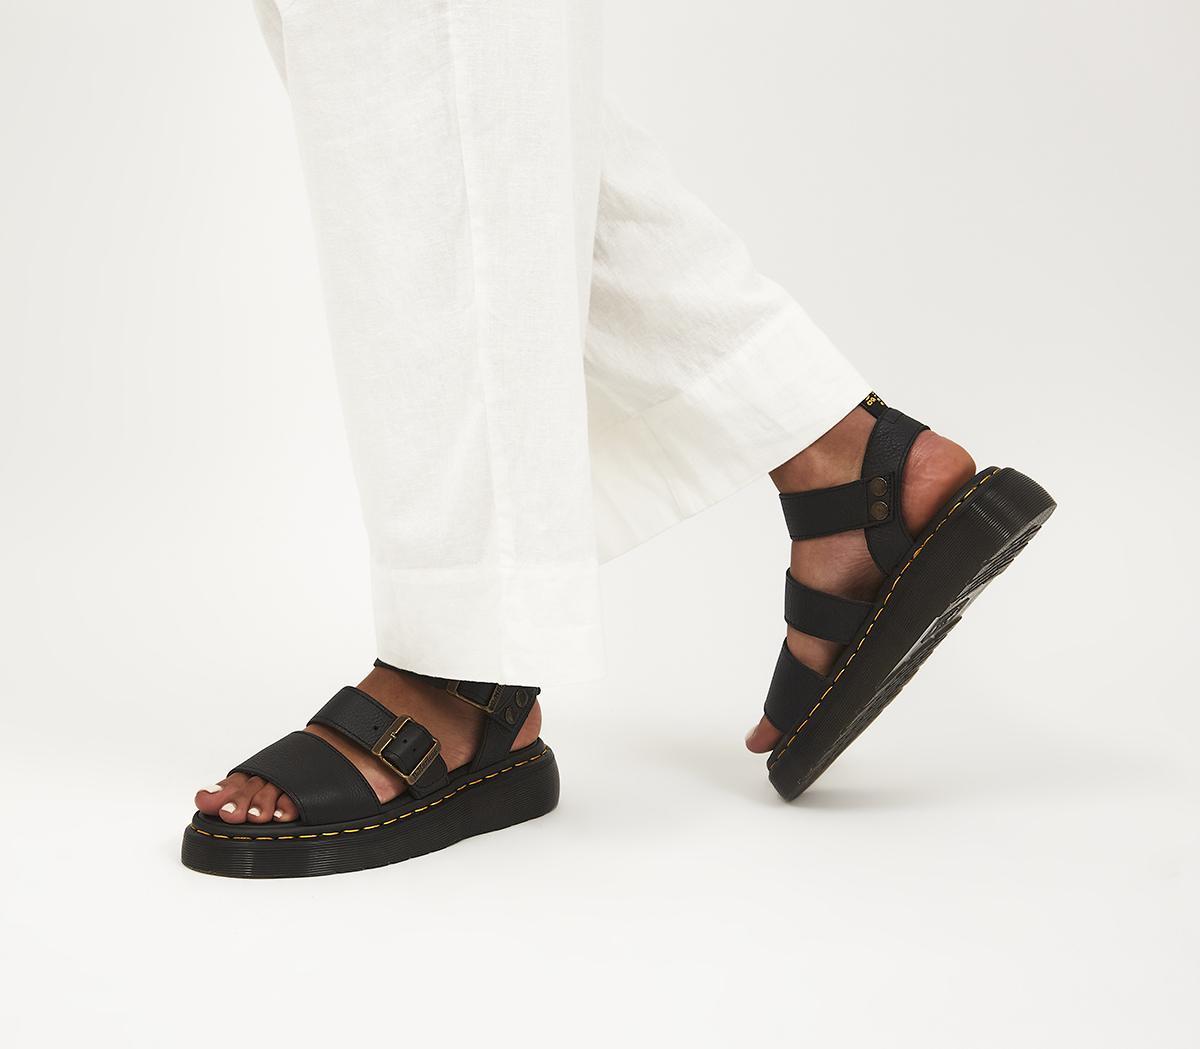 Gryphon Quad Sandals